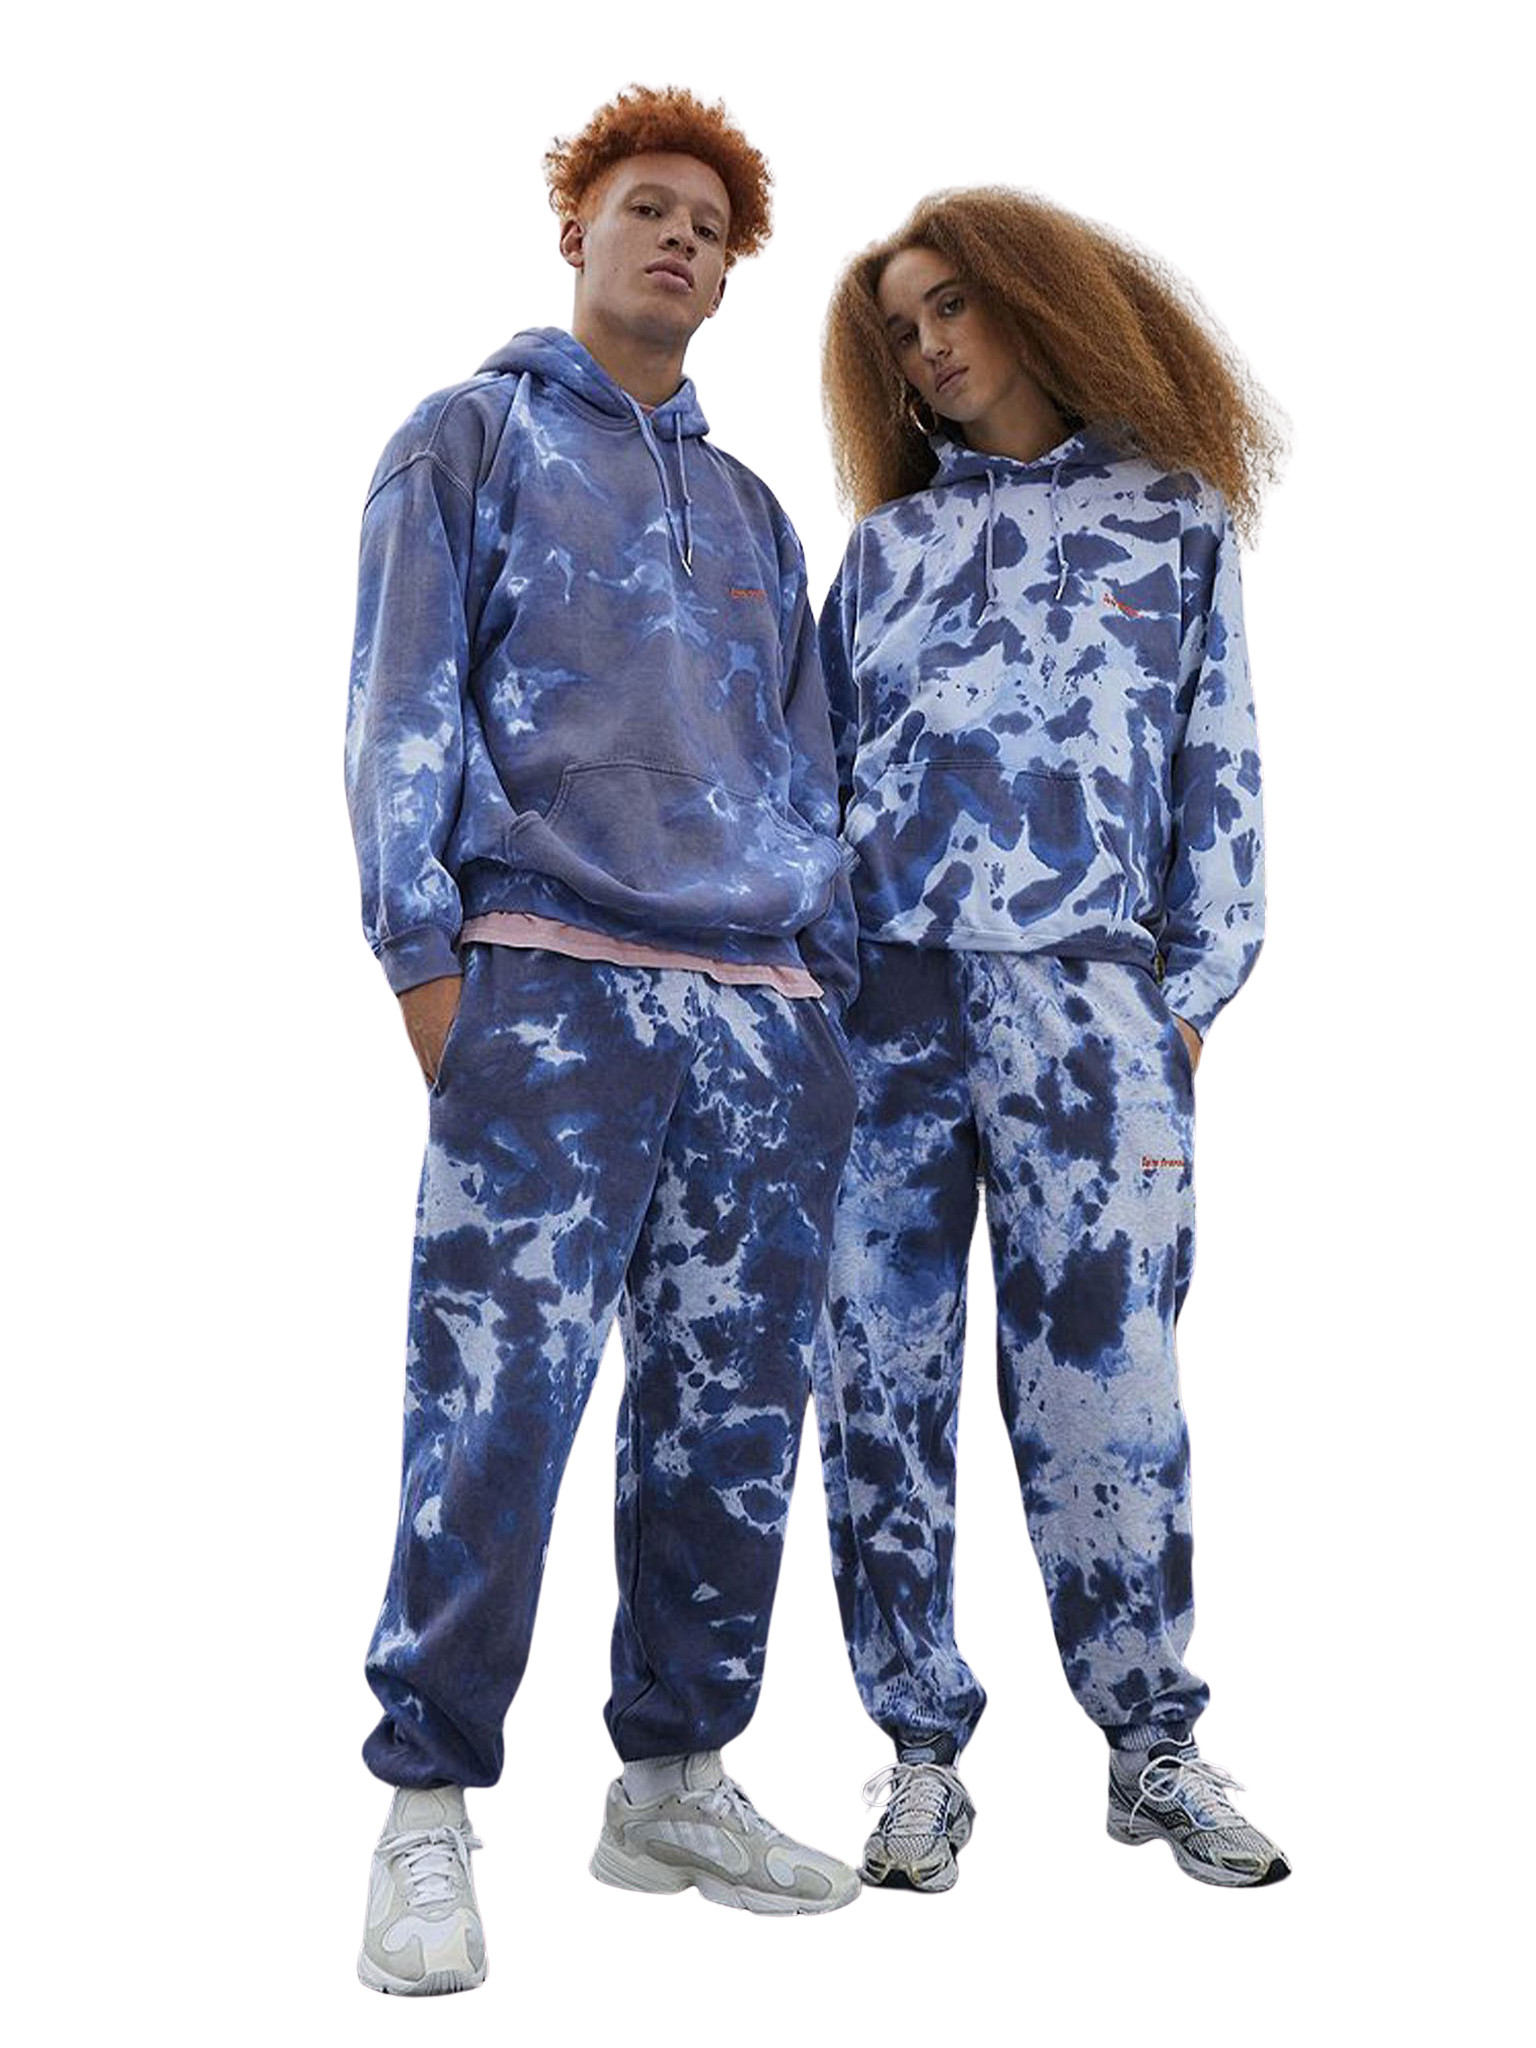 Unisex Indigo Tie-Dye Joggers